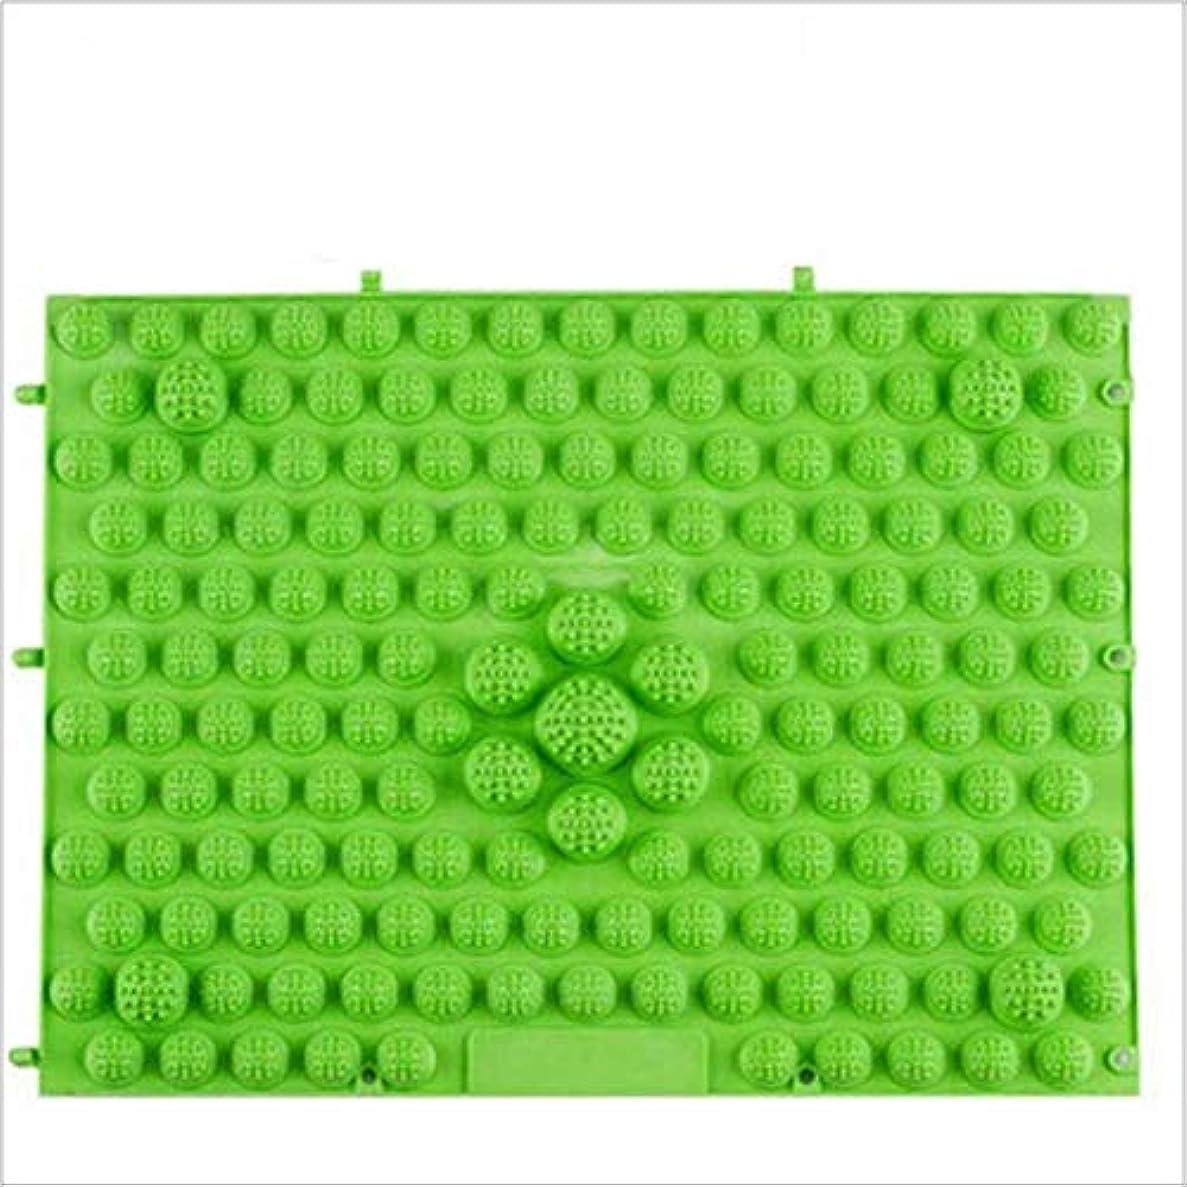 シェア試してみる専門用語ウォークマット 裏板セット(ABS樹脂製補強板付き) (グリーン)